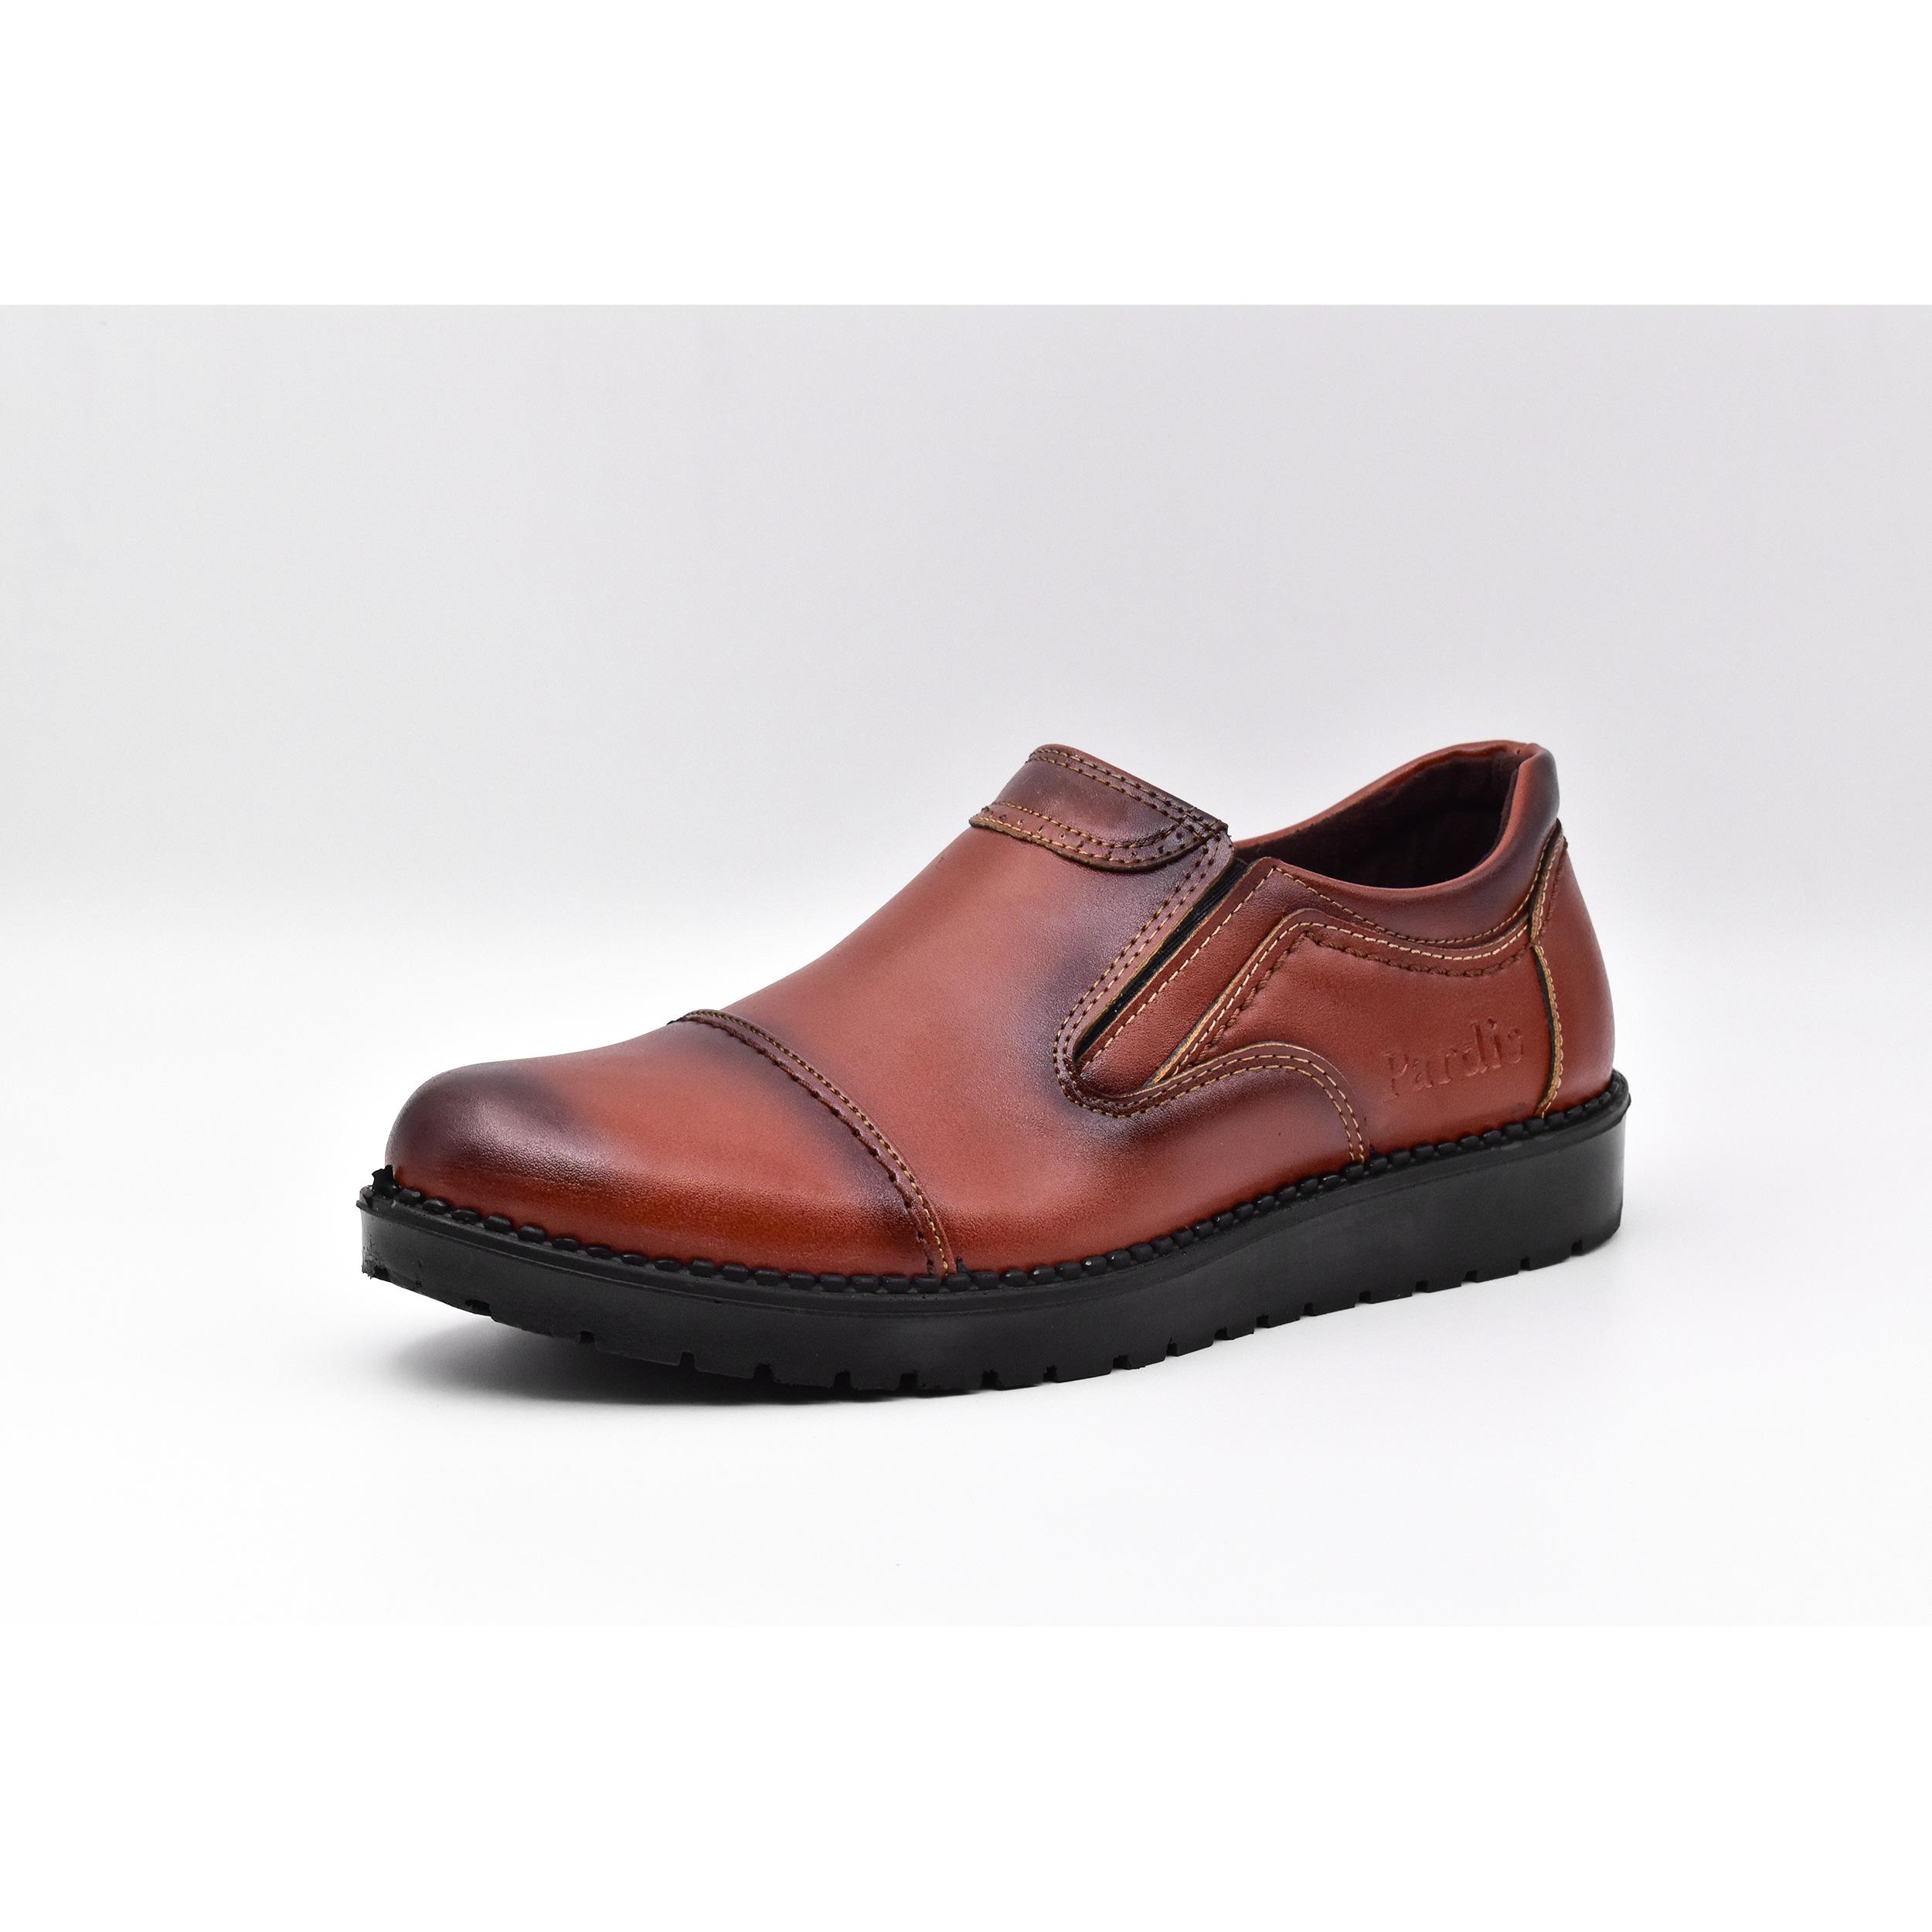 کفش روزمره مردانه مدل پردیس کد 5968 -  - 7